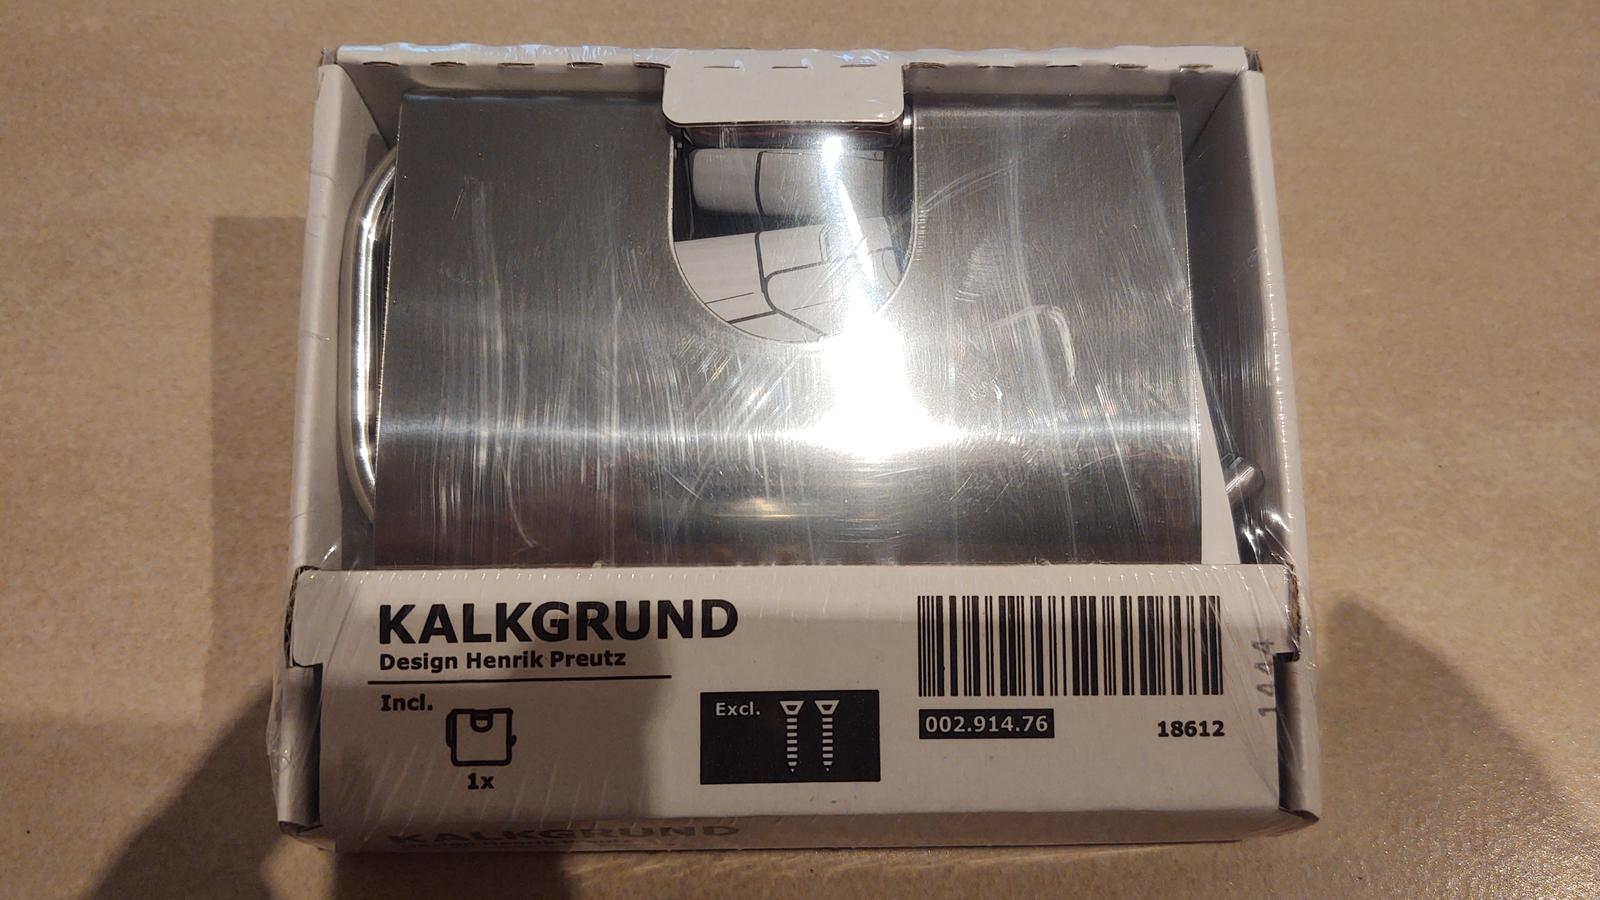 Držiak na toaletný papier IKEA nový nerozbalený - Obrázok č. 1